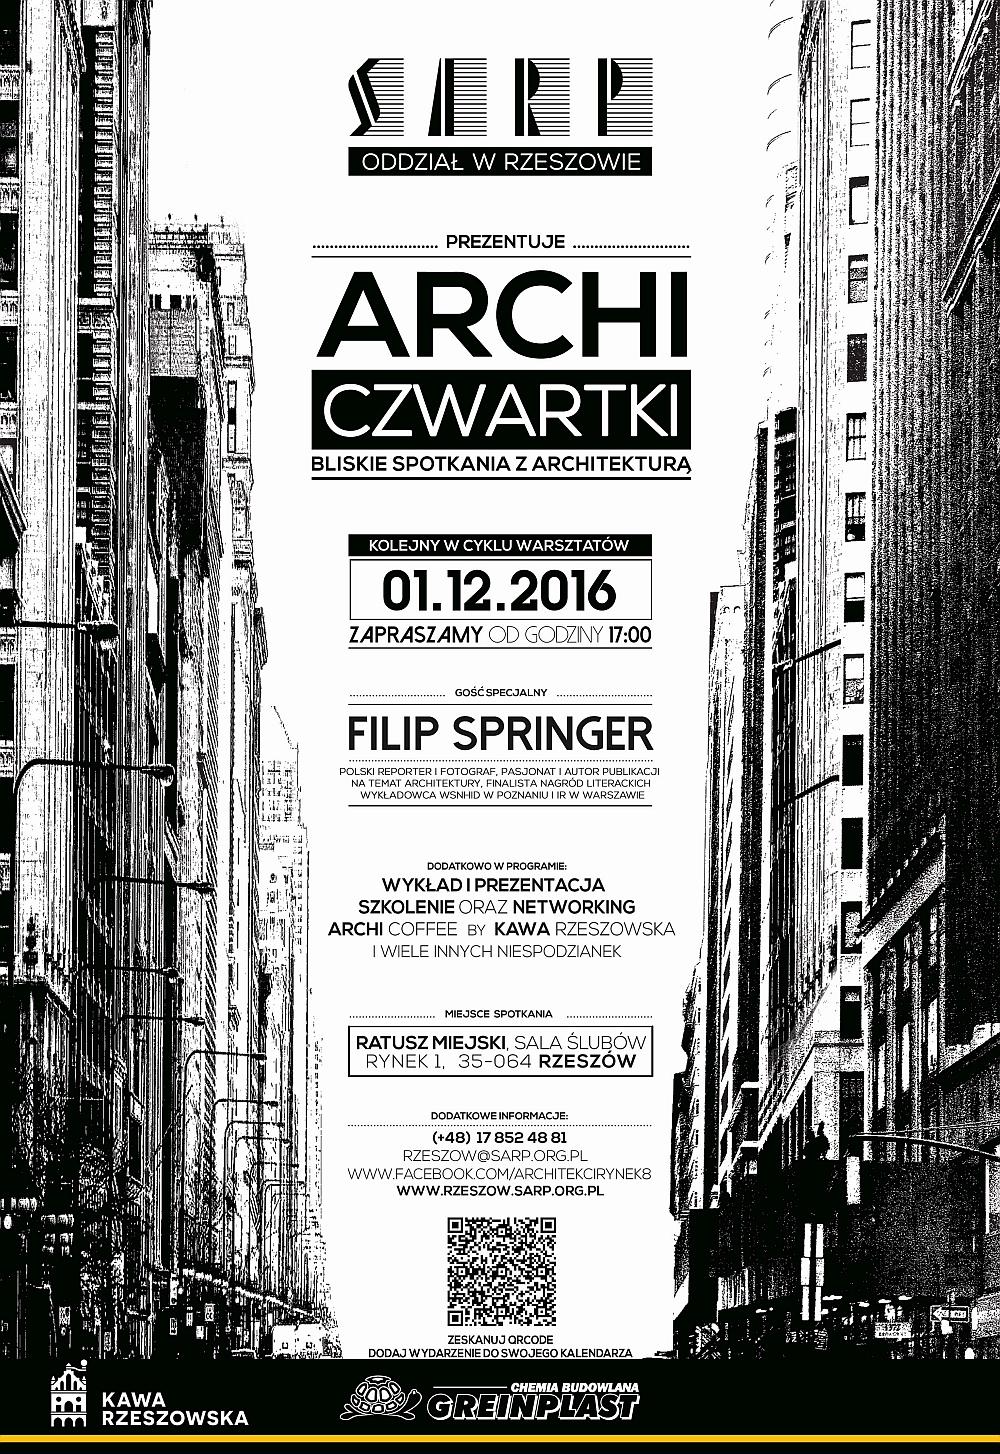 plakat-archi-czwartki-springer-01-12-2016-a4